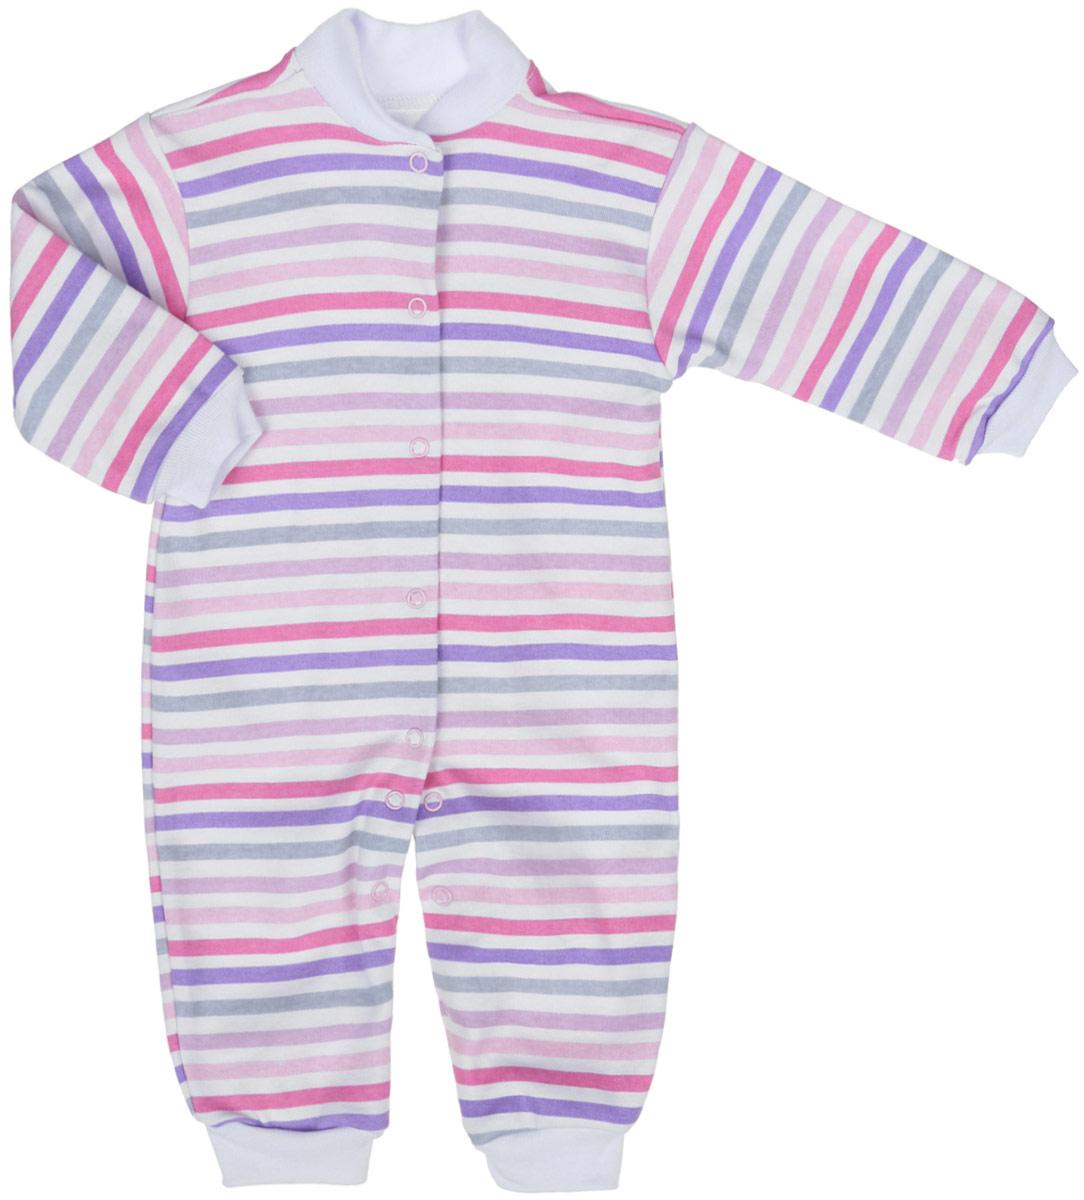 Комбинезон детский Трон-плюс, цвет: белый, розовый, фиолетовый. 5813_ВЛ15_полоски 1. Размер 74, 9 месяцев5813_ВЛ15_полоски 1Комбинезон Трон-плюс полностью соответствует особенностям жизни ребенка в ранний период, не стесняя и не ограничивая его в движениях. Выполненный из натурального хлопка, он очень мягкий и приятный на ощупь, не раздражает нежную и чувствительную кожу ребенка, позволяя ей дышать.Комбинезон с небольшим воротником-стойкой, длинными рукавами и открытыми ножками имеет застежки-кнопки от горловины до щиколоток, которые помогают легко переодеть малыша или сменить подгузник. Воротник изготовлен из мягкой трикотажной резинки. Низ рукавов и низ брючин дополнены мягкими эластичными манжетами, не пережимающими ручки и ножки ребенка. Модель оформлена принтом в полоску. В таком комбинезоне спинка ребенка всегда будет в тепле, кроха будет чувствовать себя комфортно и уютно.